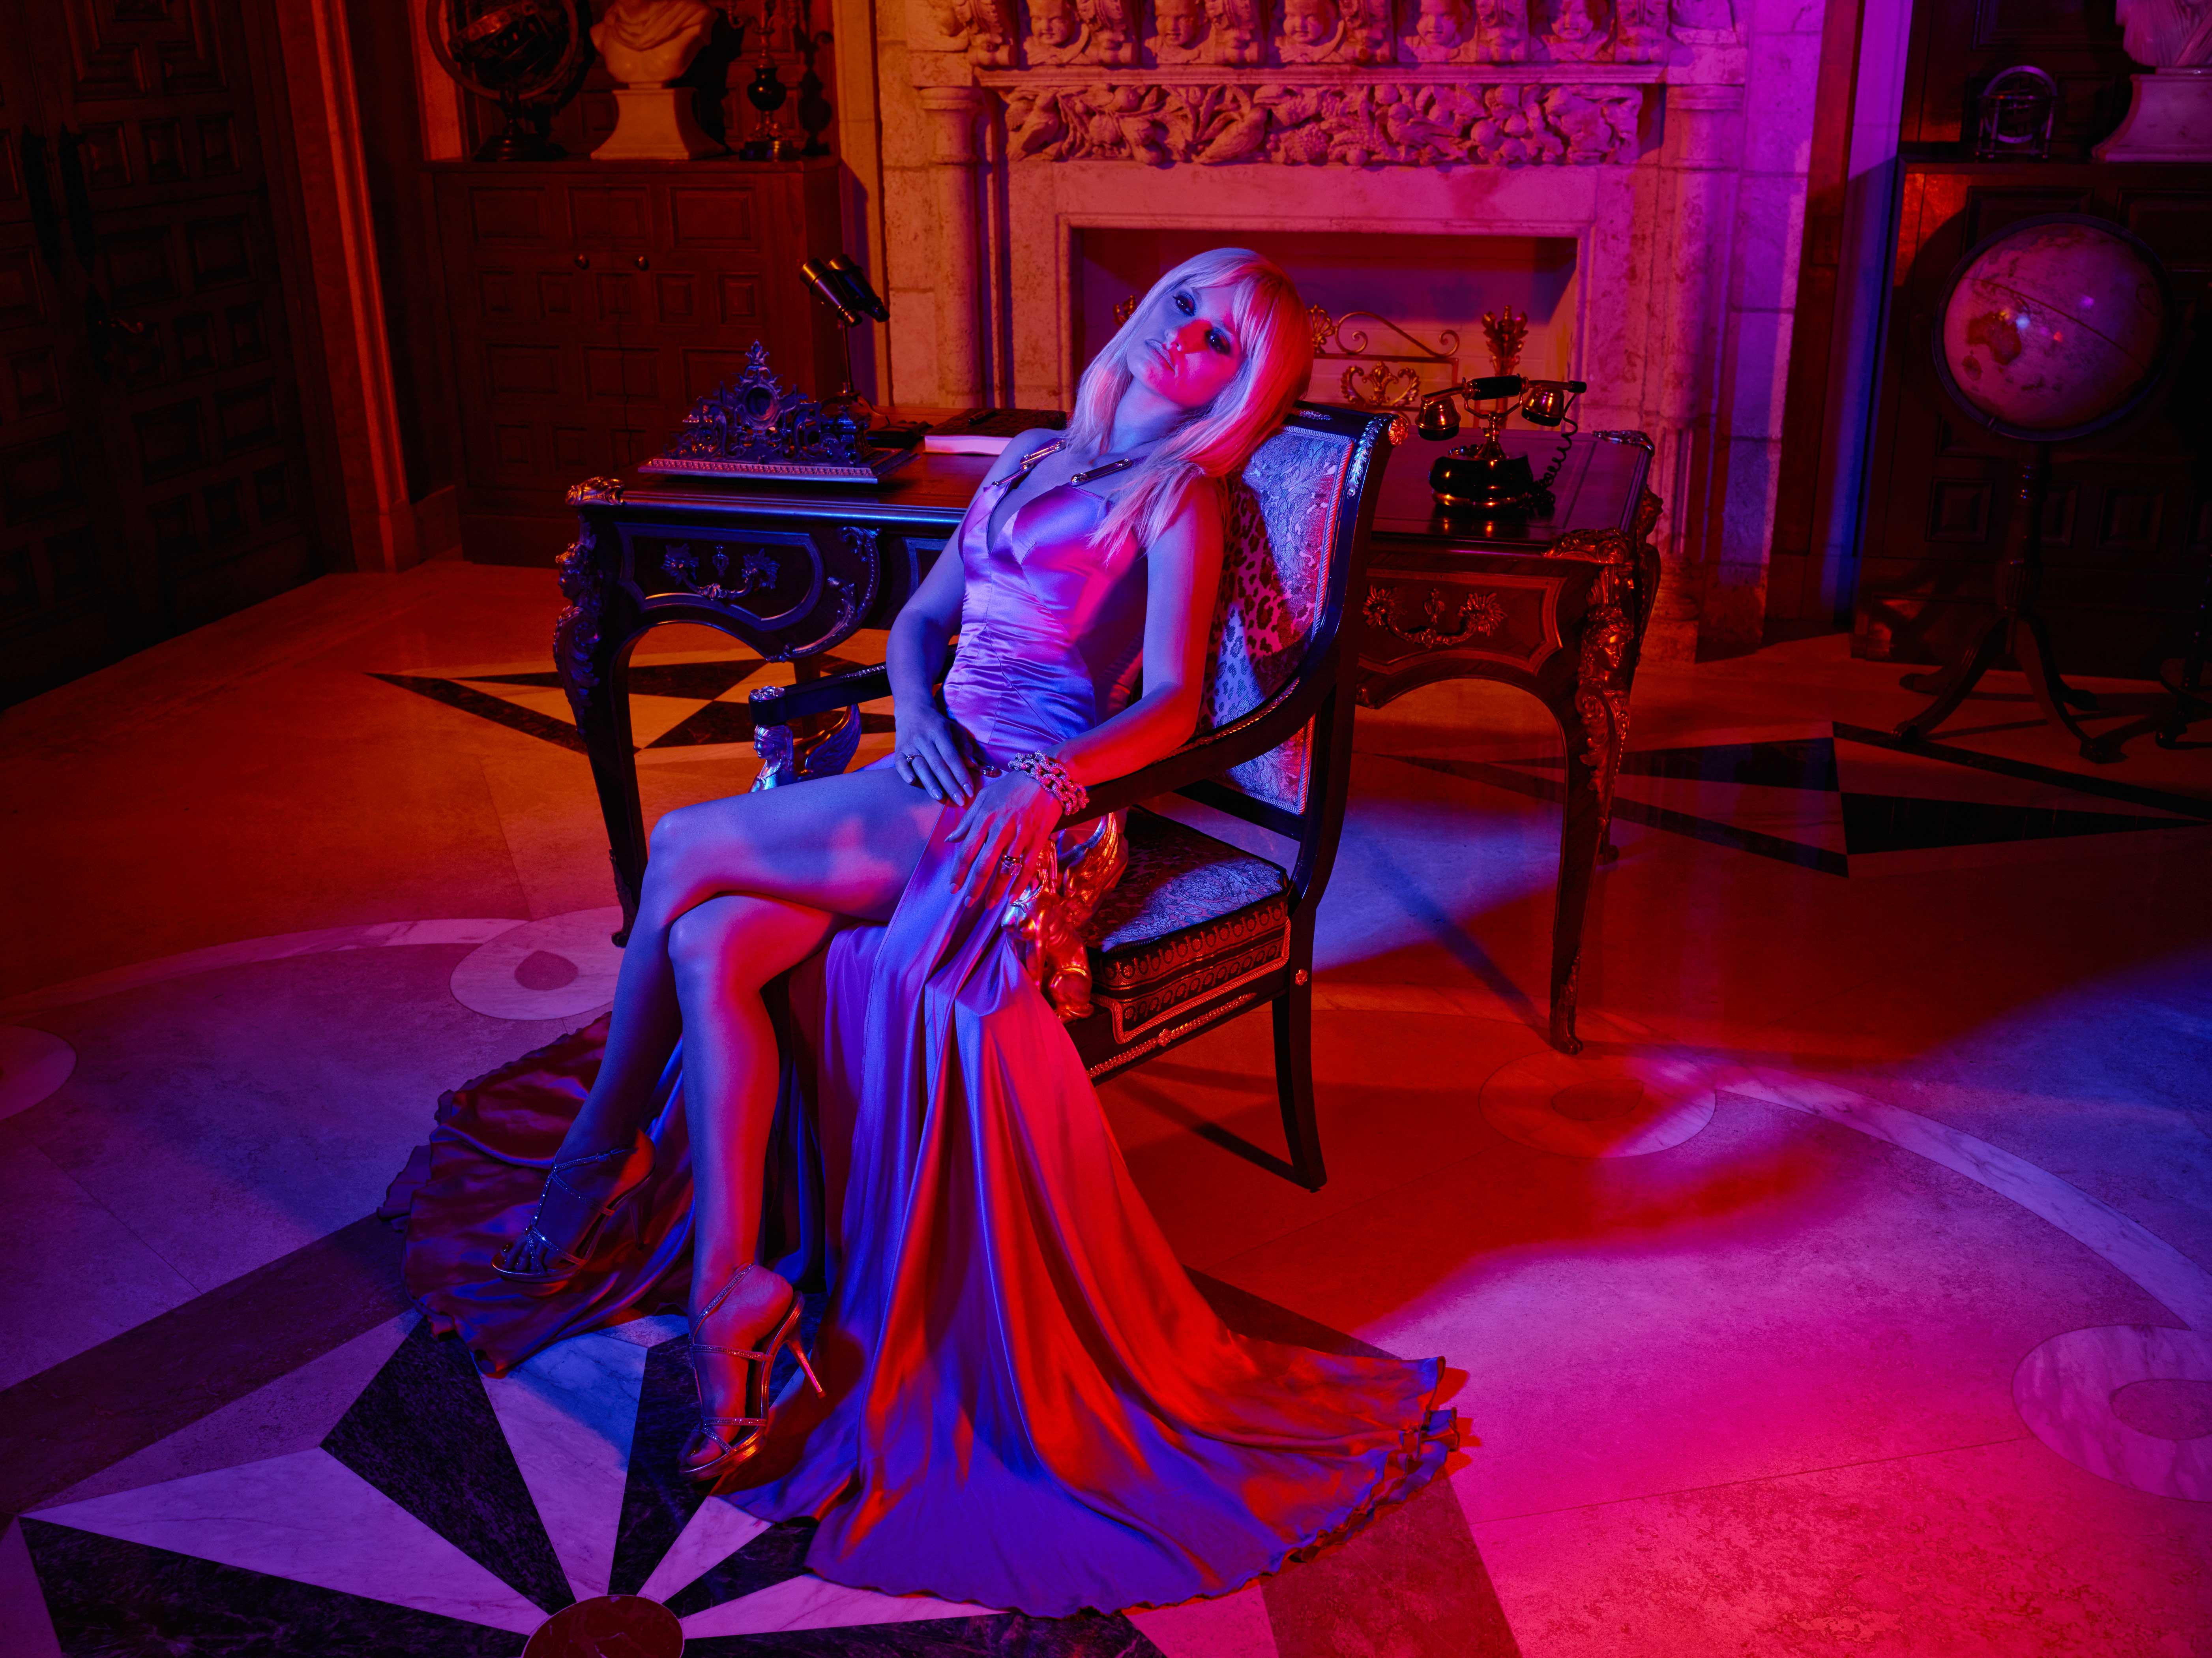 Penélope-Cruz-es-Donatella-Versace-en-EL-ASESINATO-DE-GIANNI-VERSACE-AMERICAN-CRIME-STORY---FX-(5)